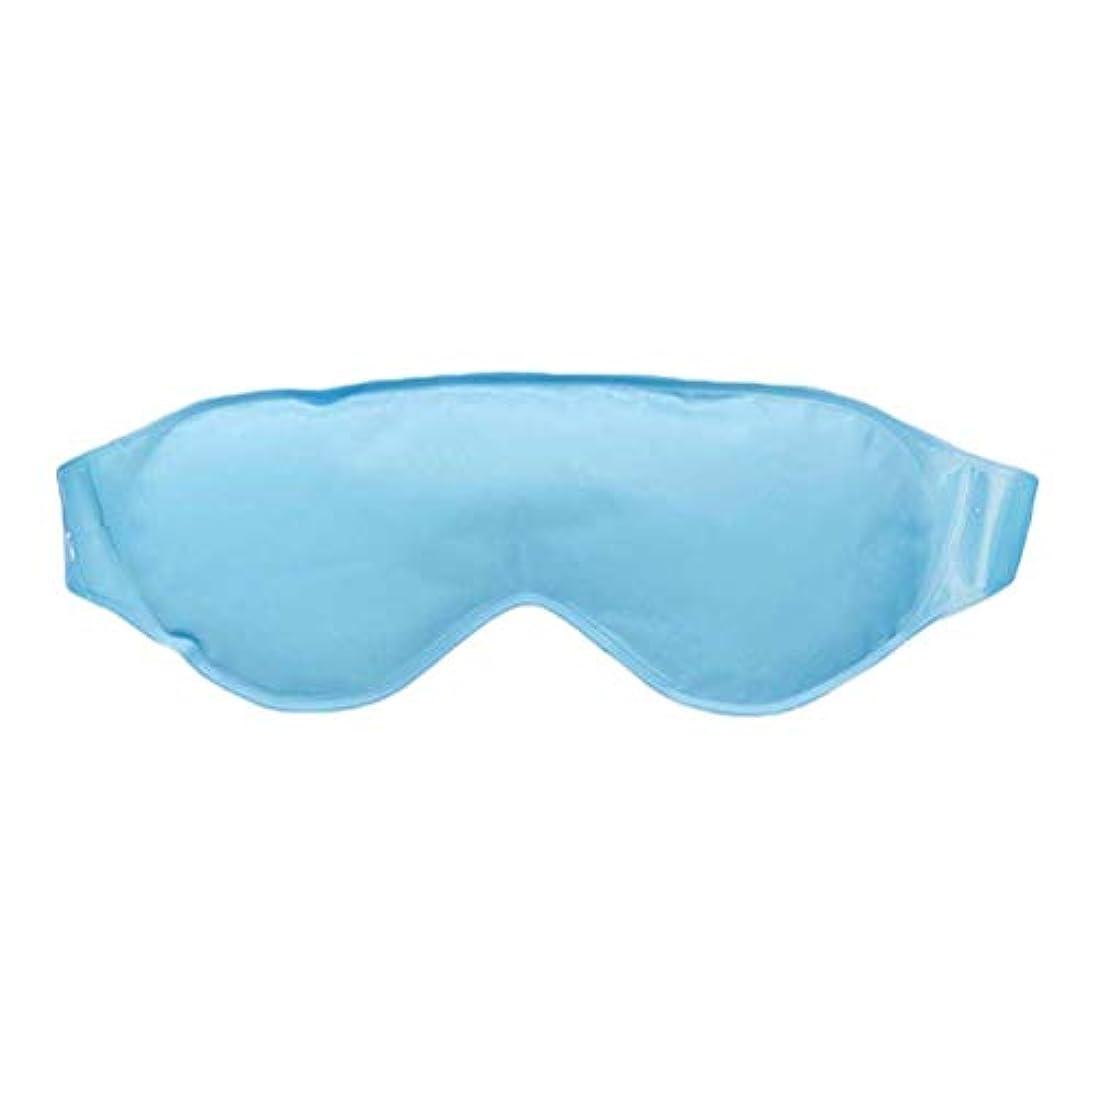 触覚吹きさらしまつげSUPVOX アイスフェイス物理的冷却アイマスクアイスコンプレッションバッグアイレリーフマスク(ブルー)